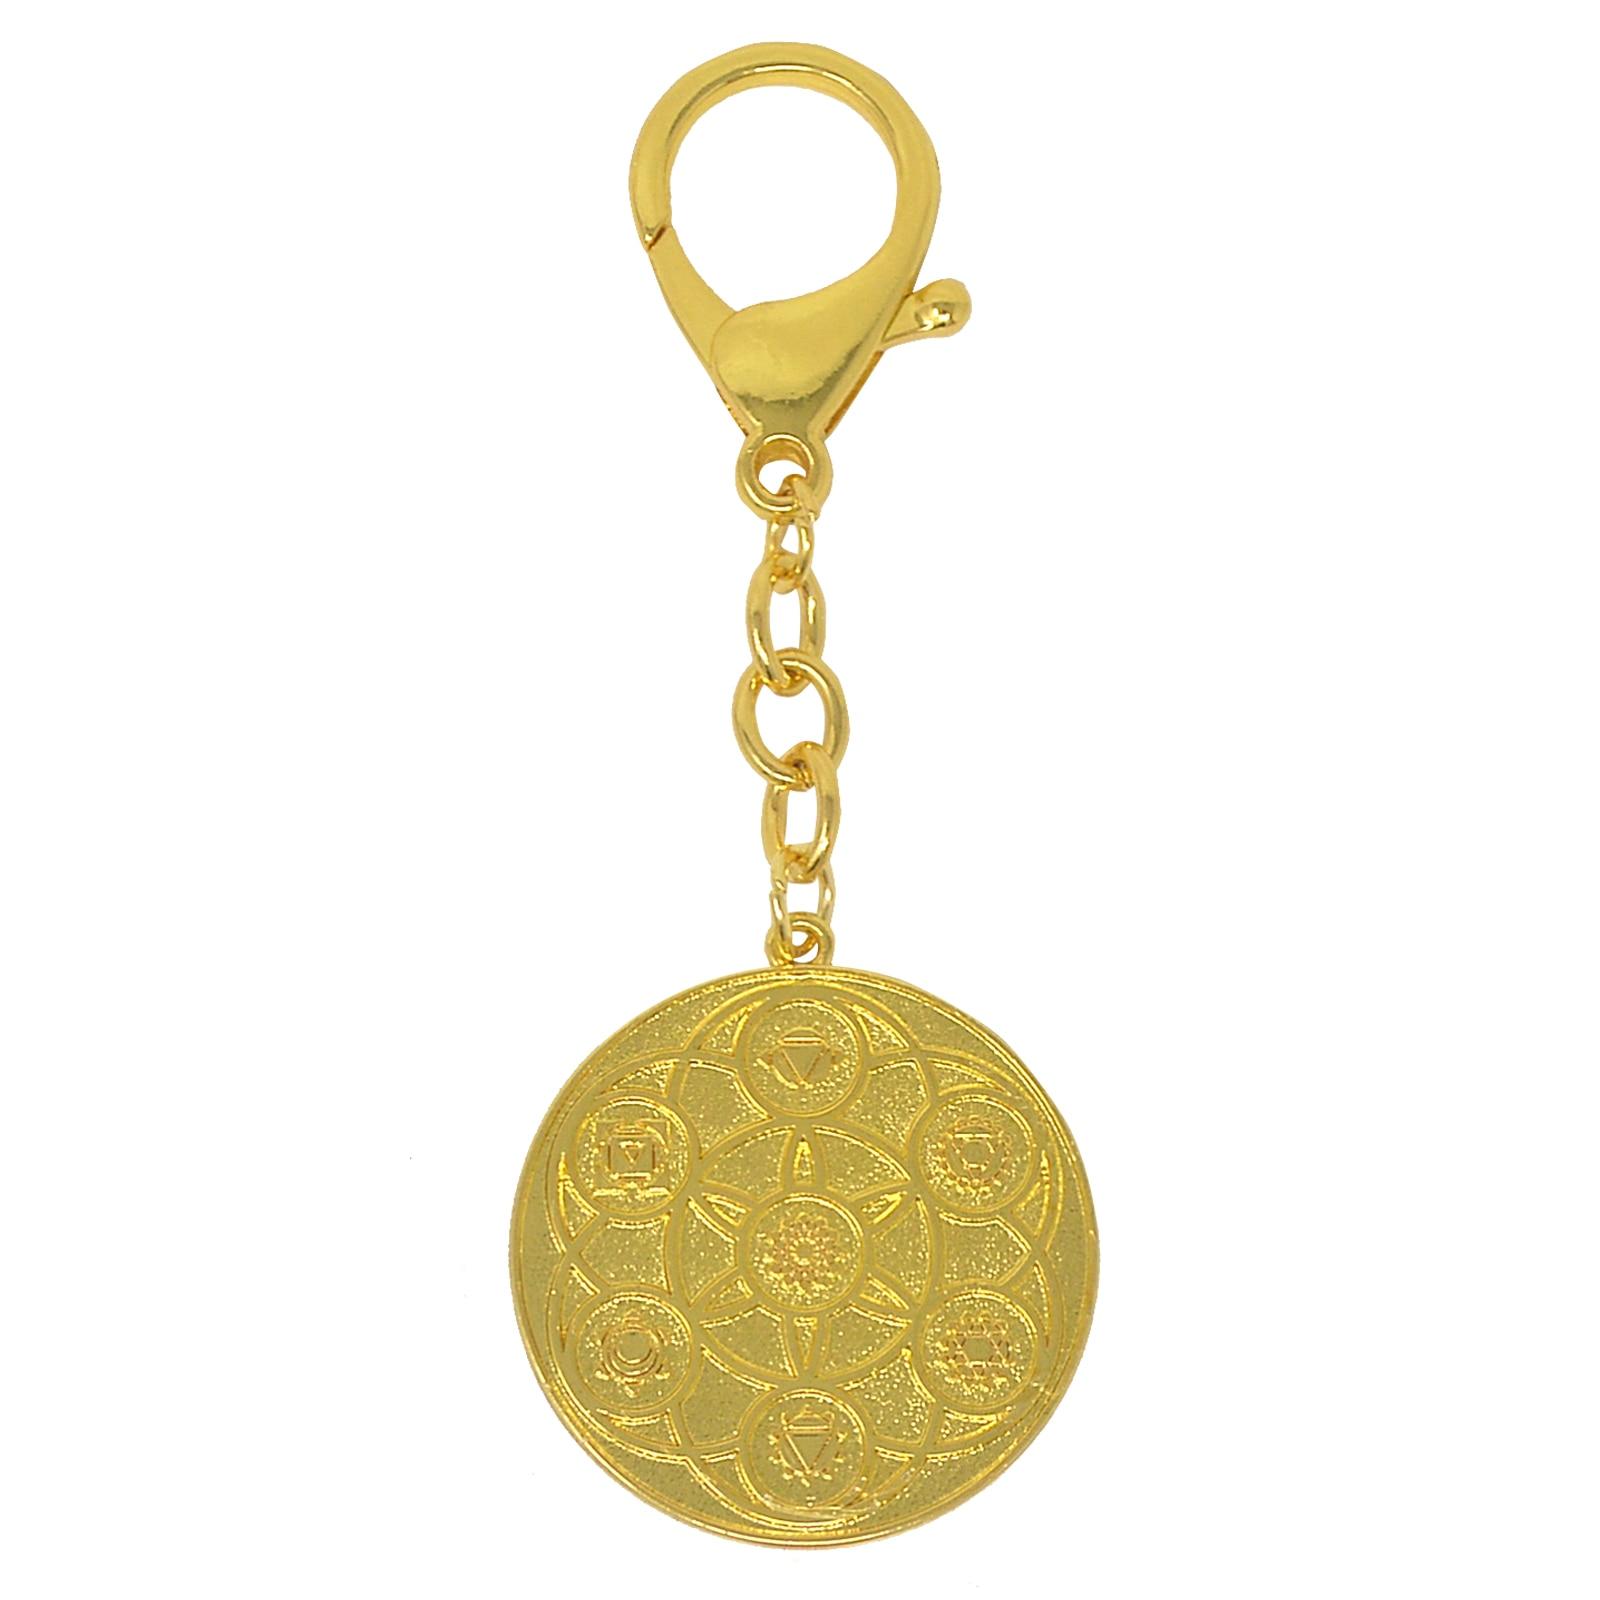 سلسلة مفاتيح فنغ شوي ، زهرة الشمس التبتية الذهبية ، قوة الحياة ، W4379